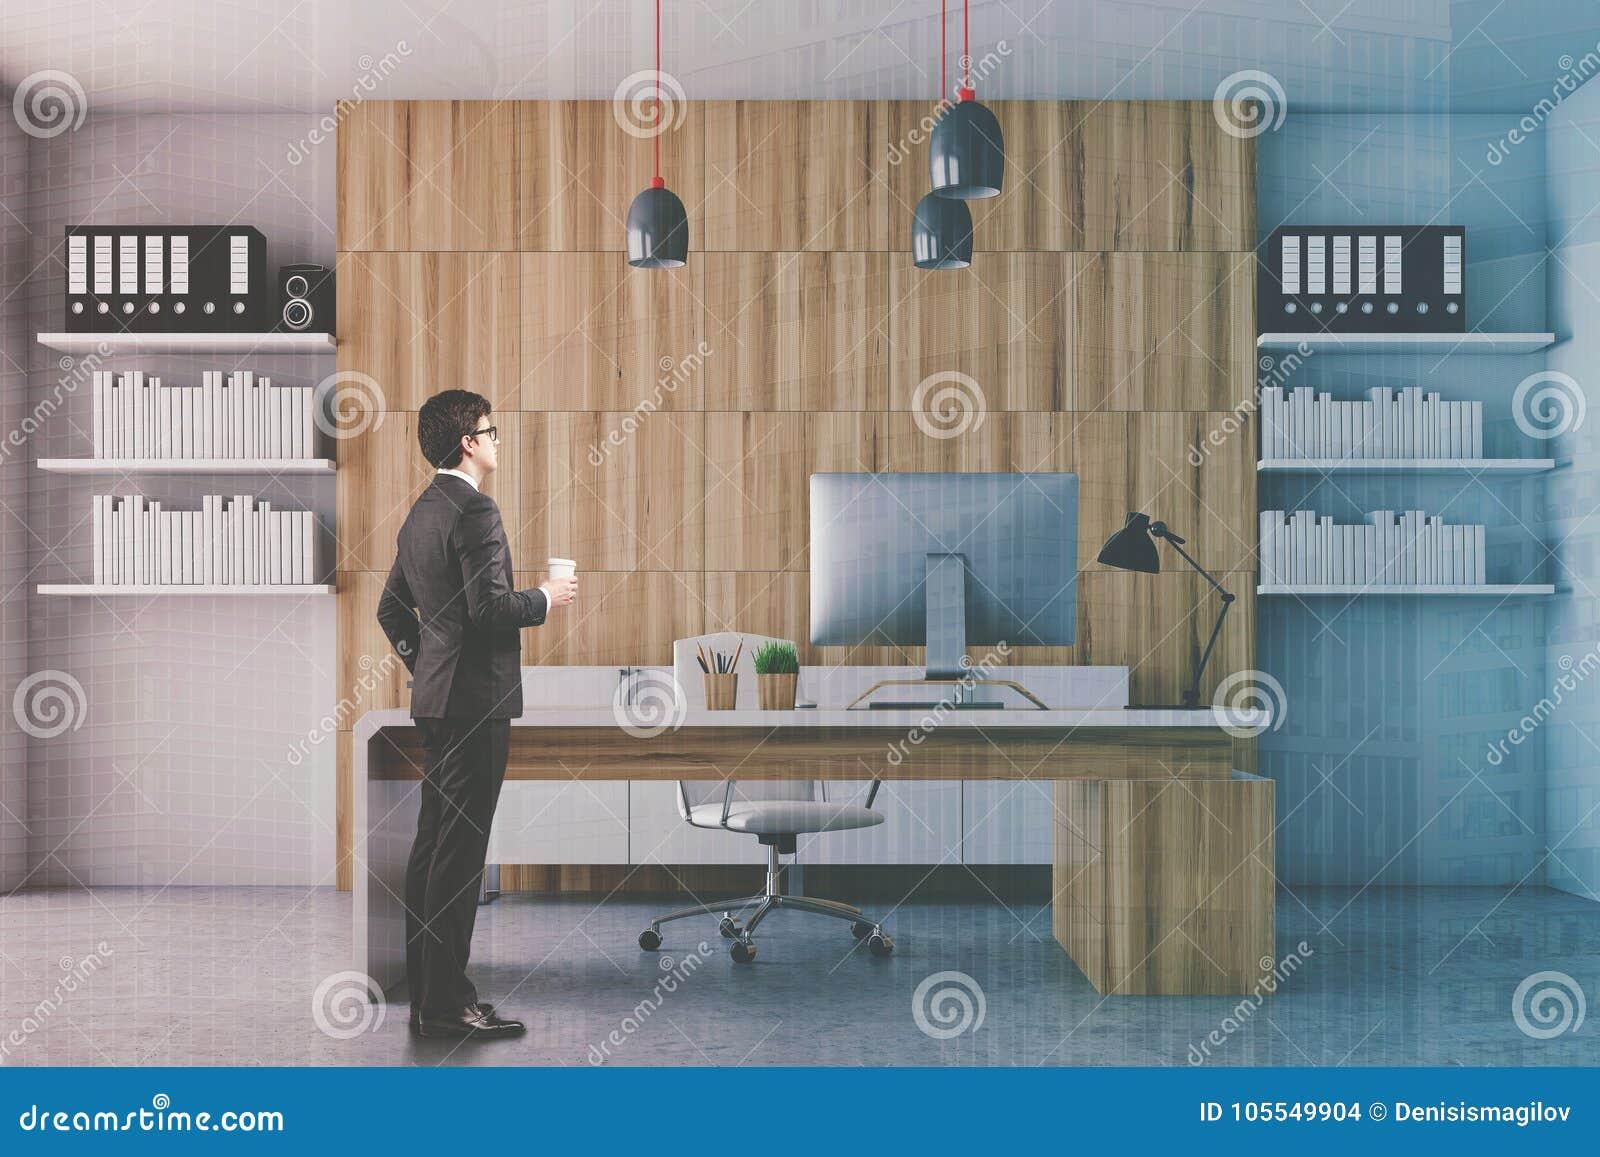 Ufficio Legno Bianco : Ceo bianco e di legno ufficio tonificato fotografia stock immagine